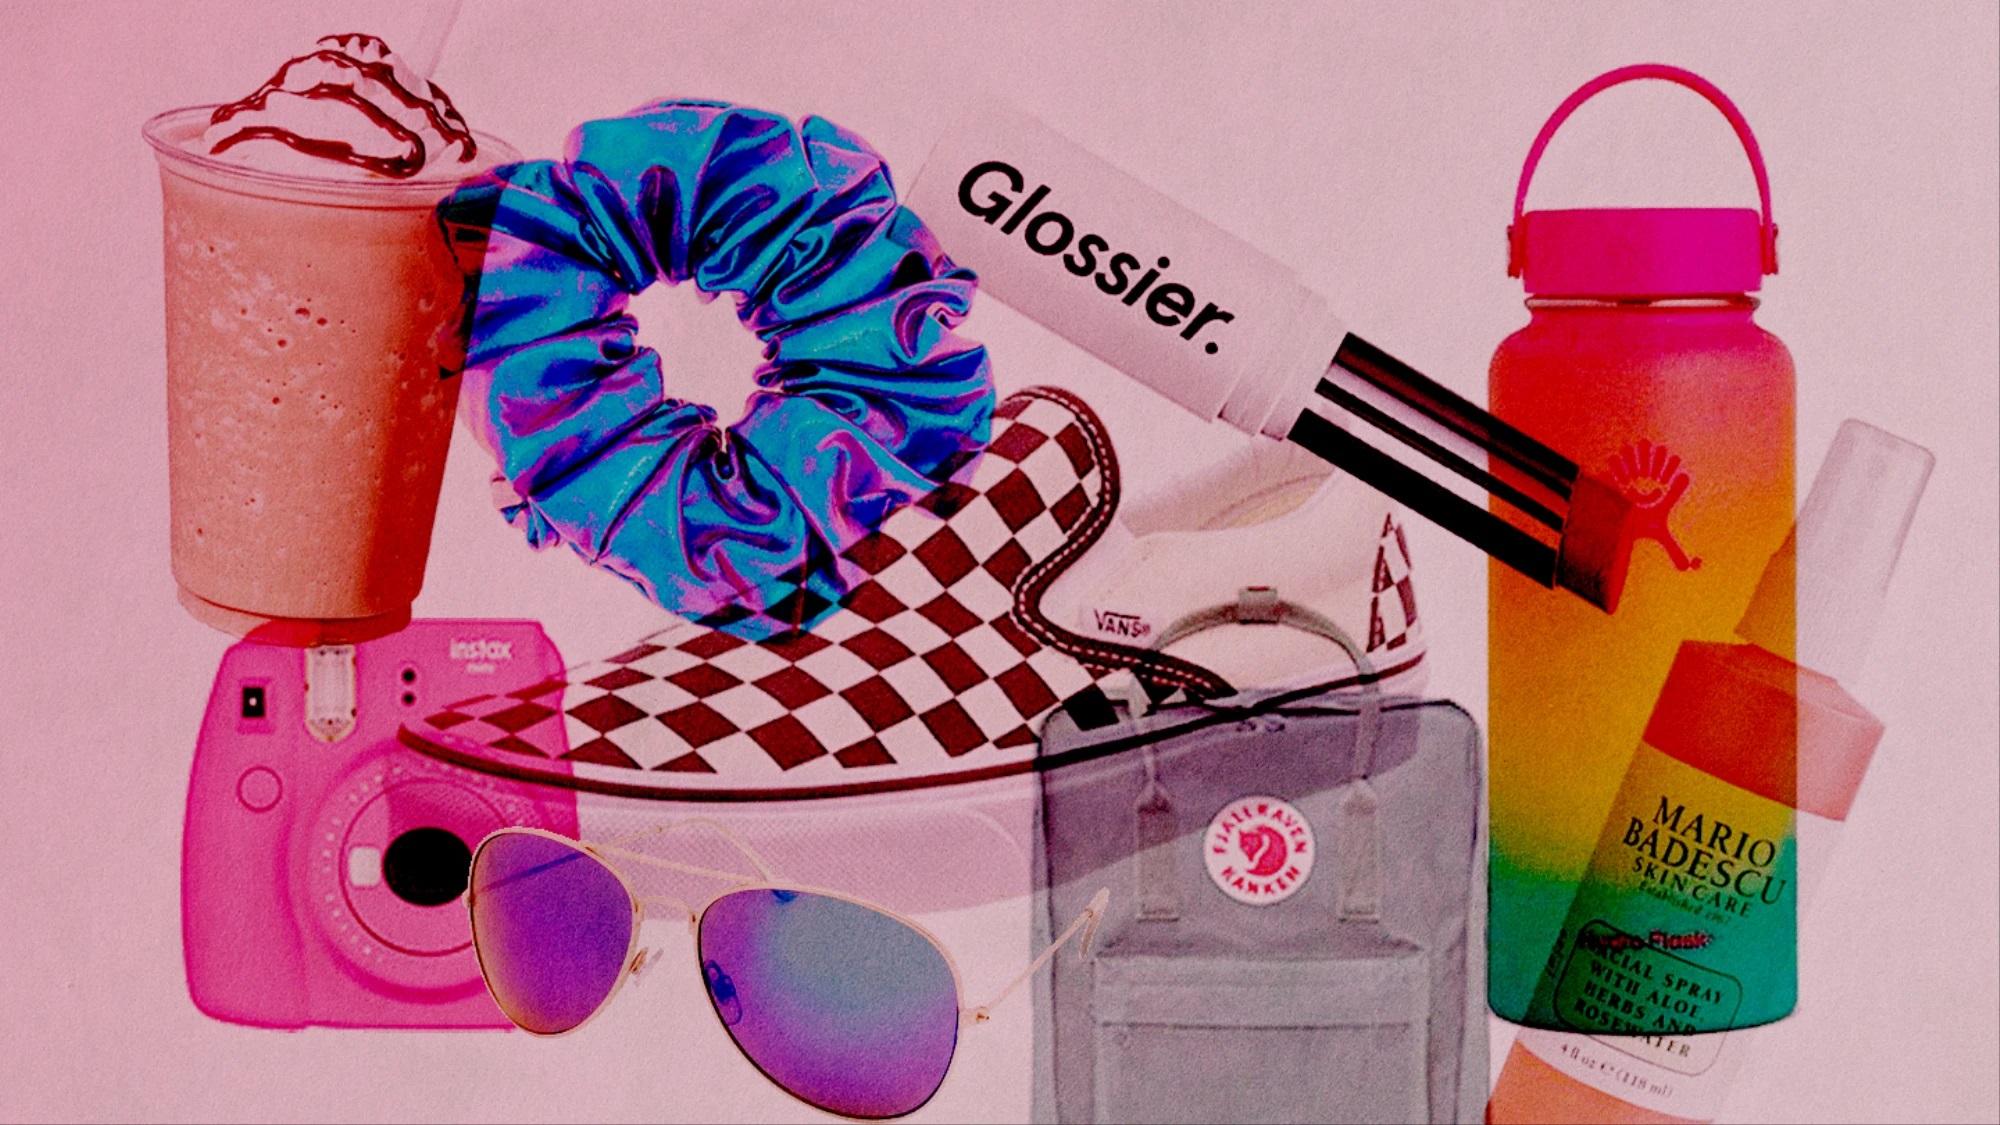 Những item đặc trưng của VSCO girl